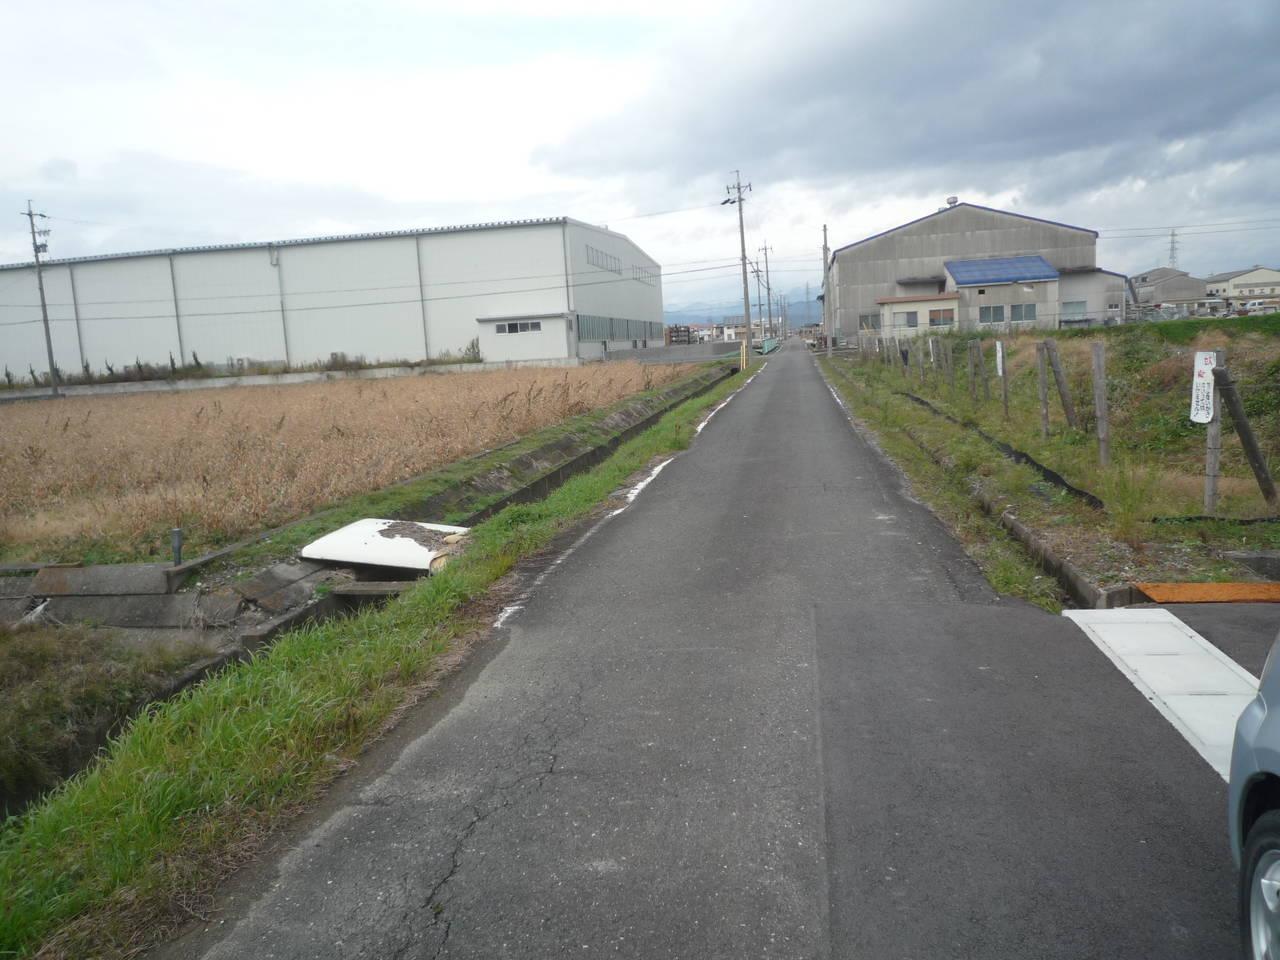 物件西側前面道路 南から北方向に撮影